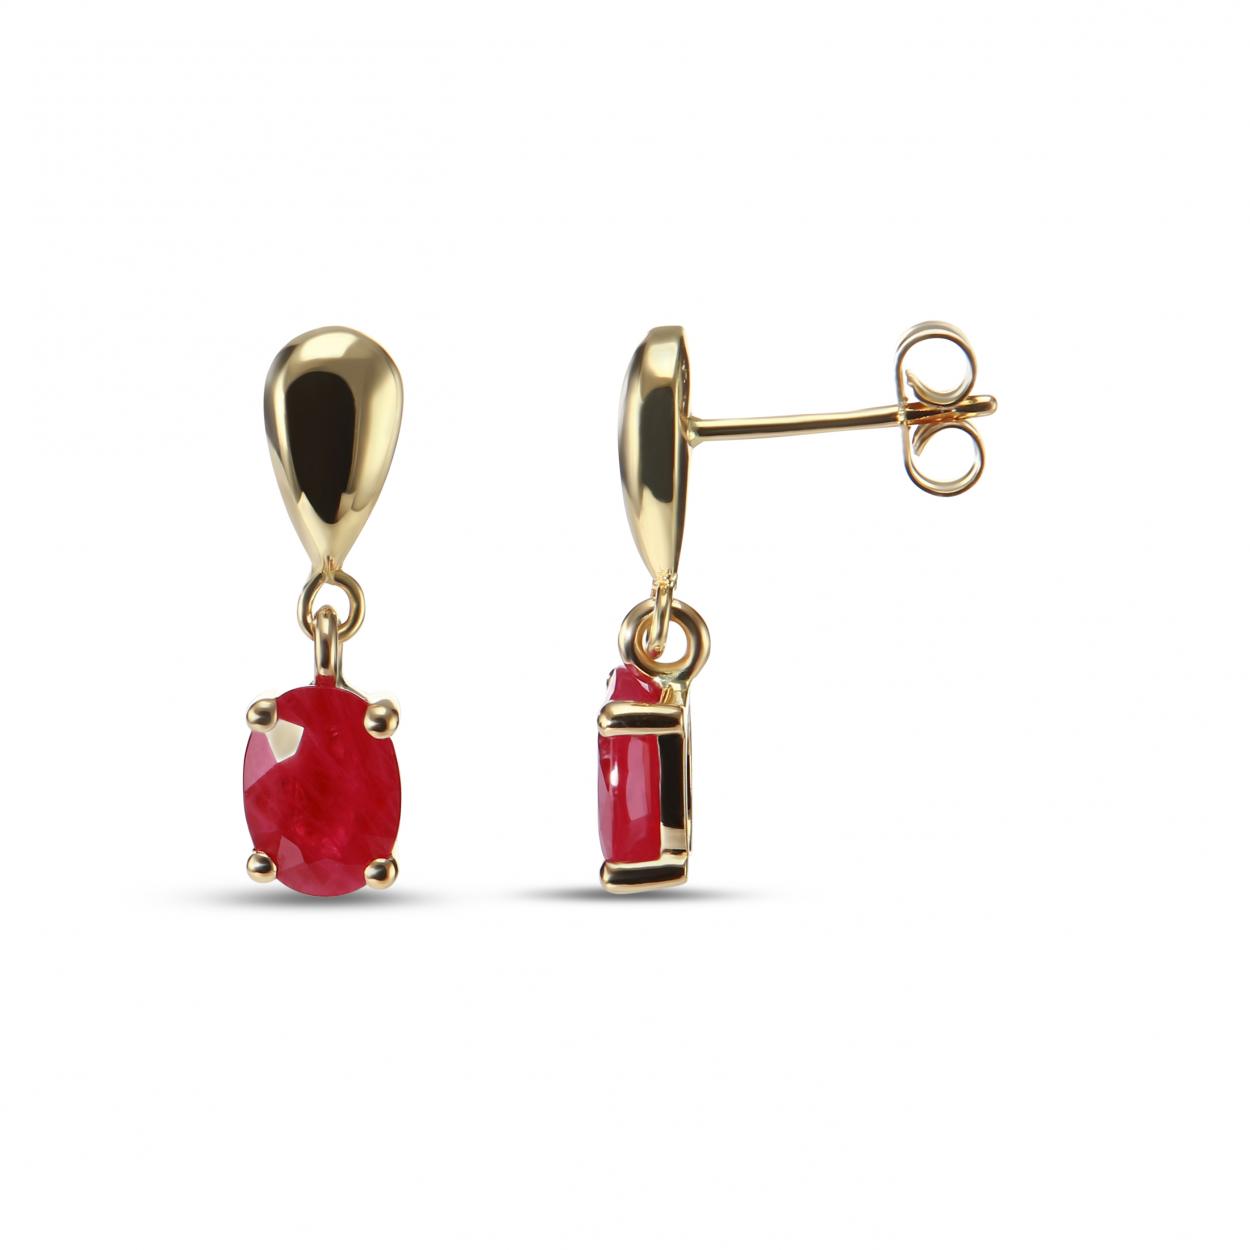 boucles d'oreilles pendantes or et rubis